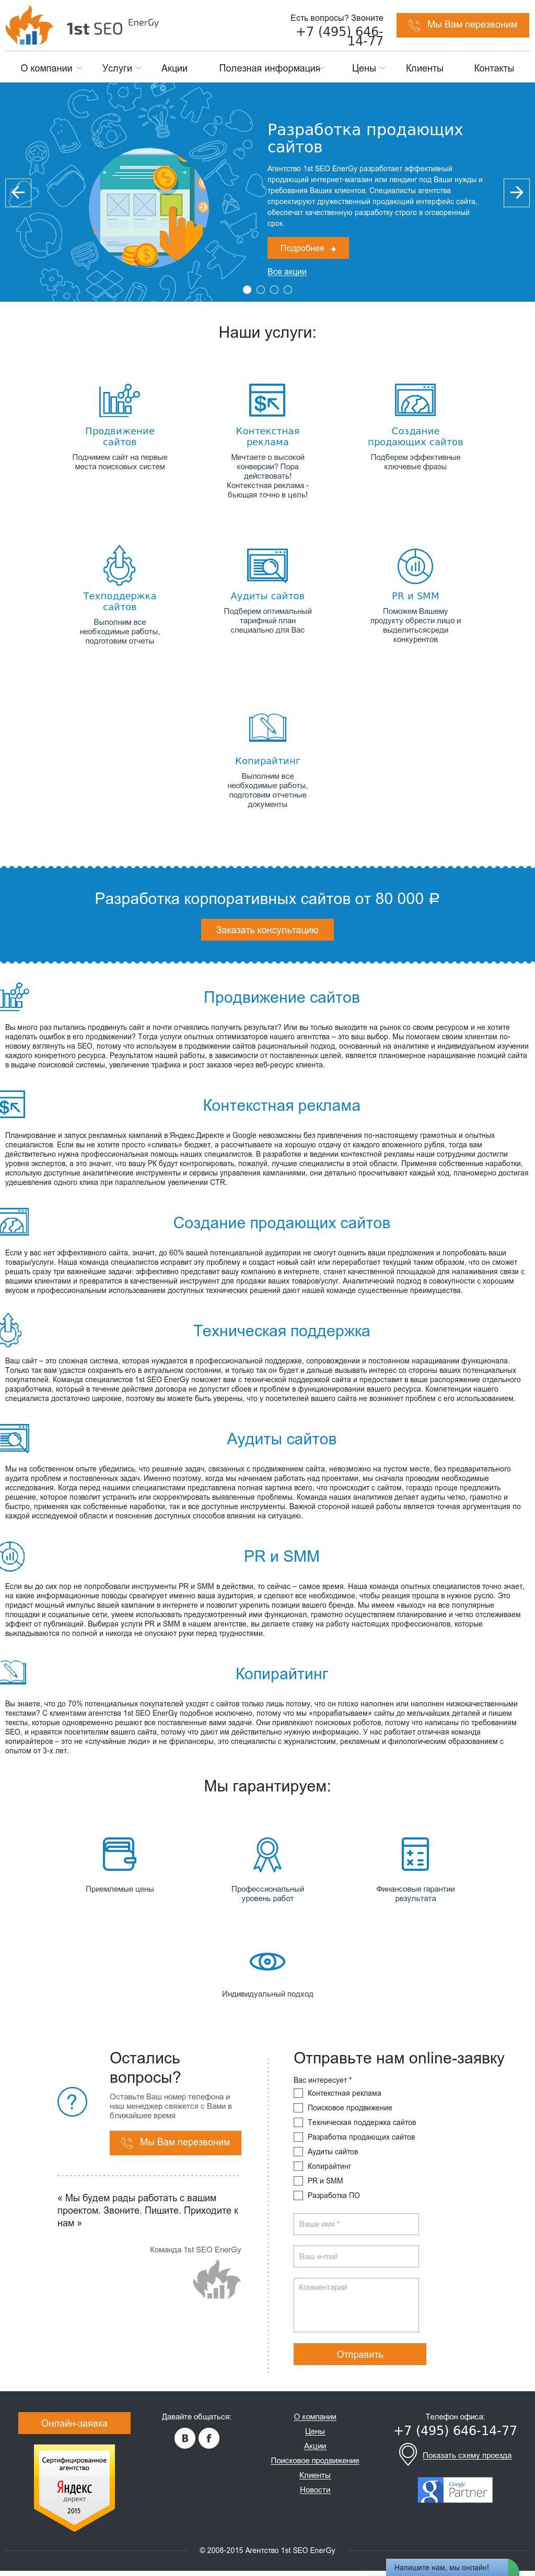 Продвижение сайтов 1irst.ru продвижение сайта в Касли